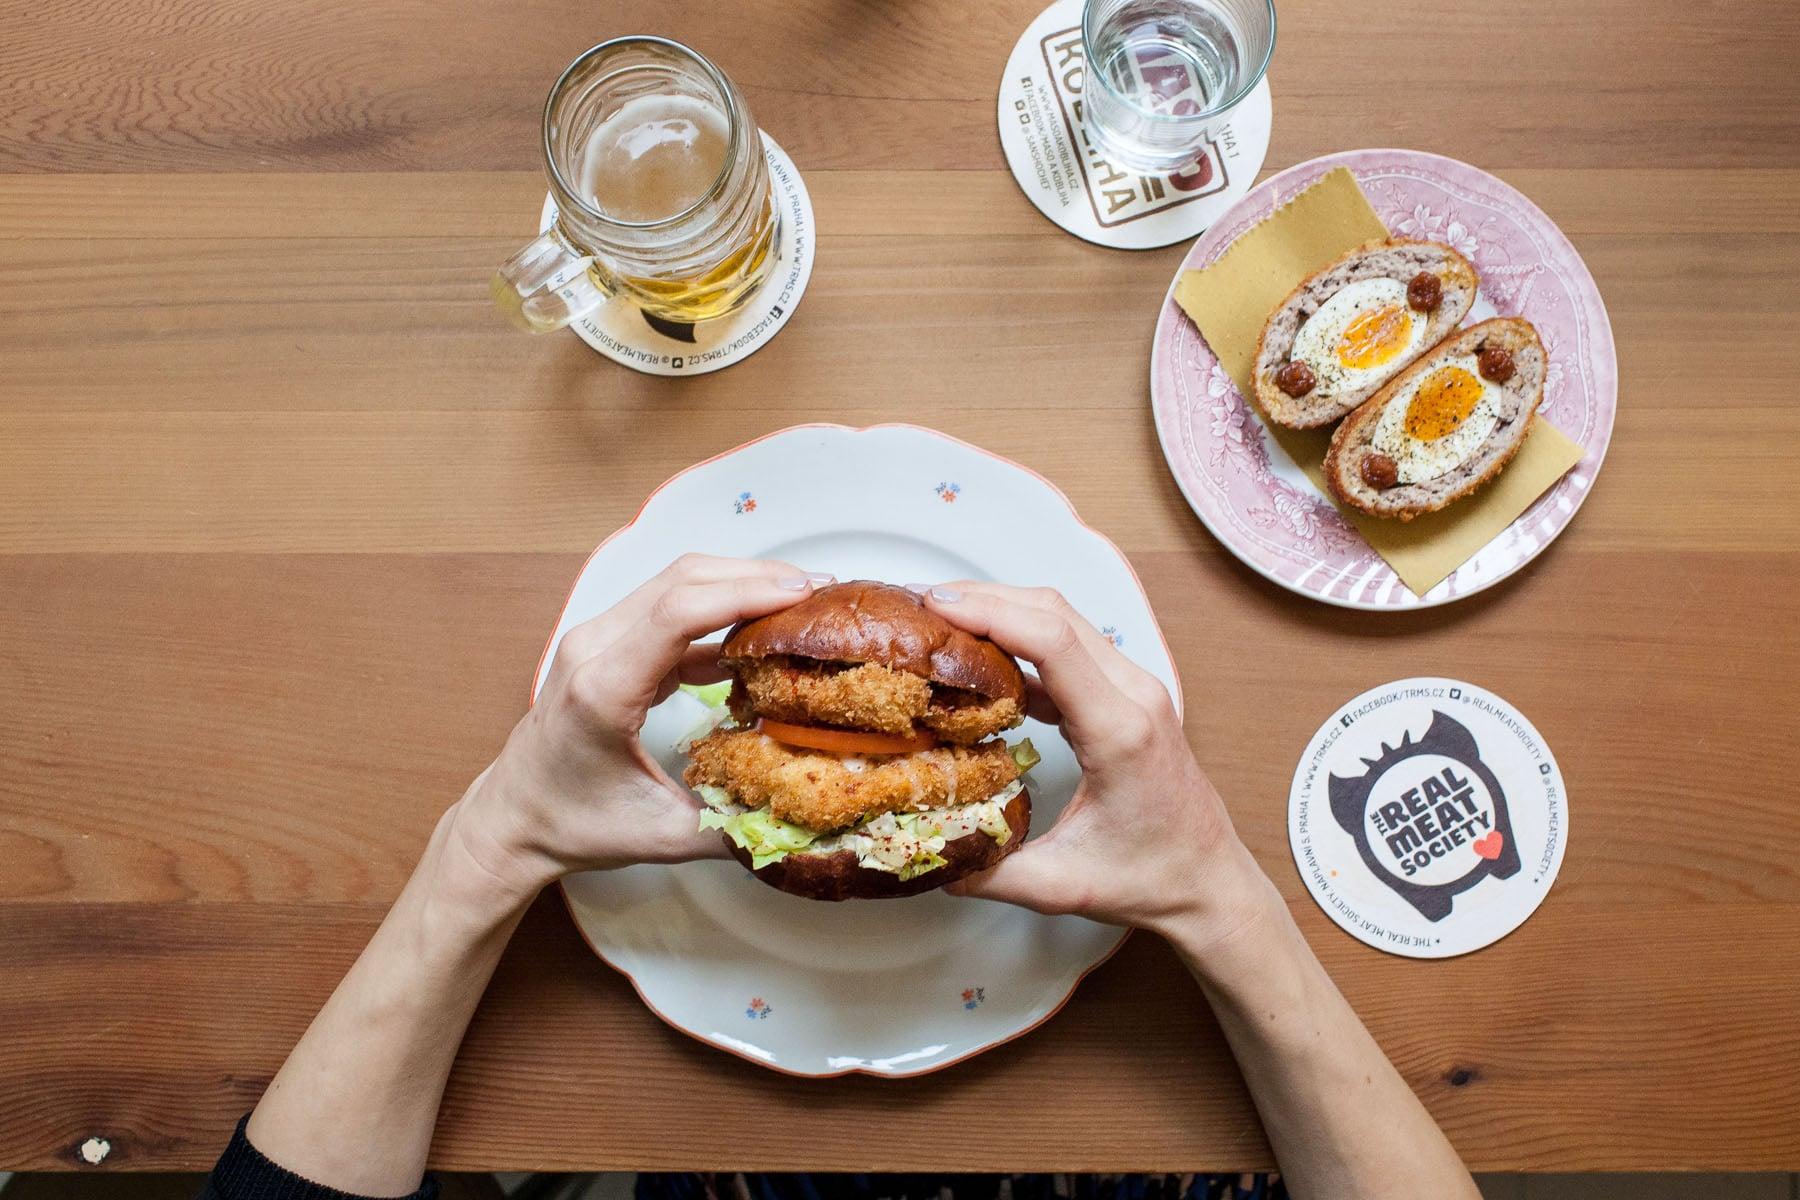 Maso-a-kobliha-Prague-catfish-burger